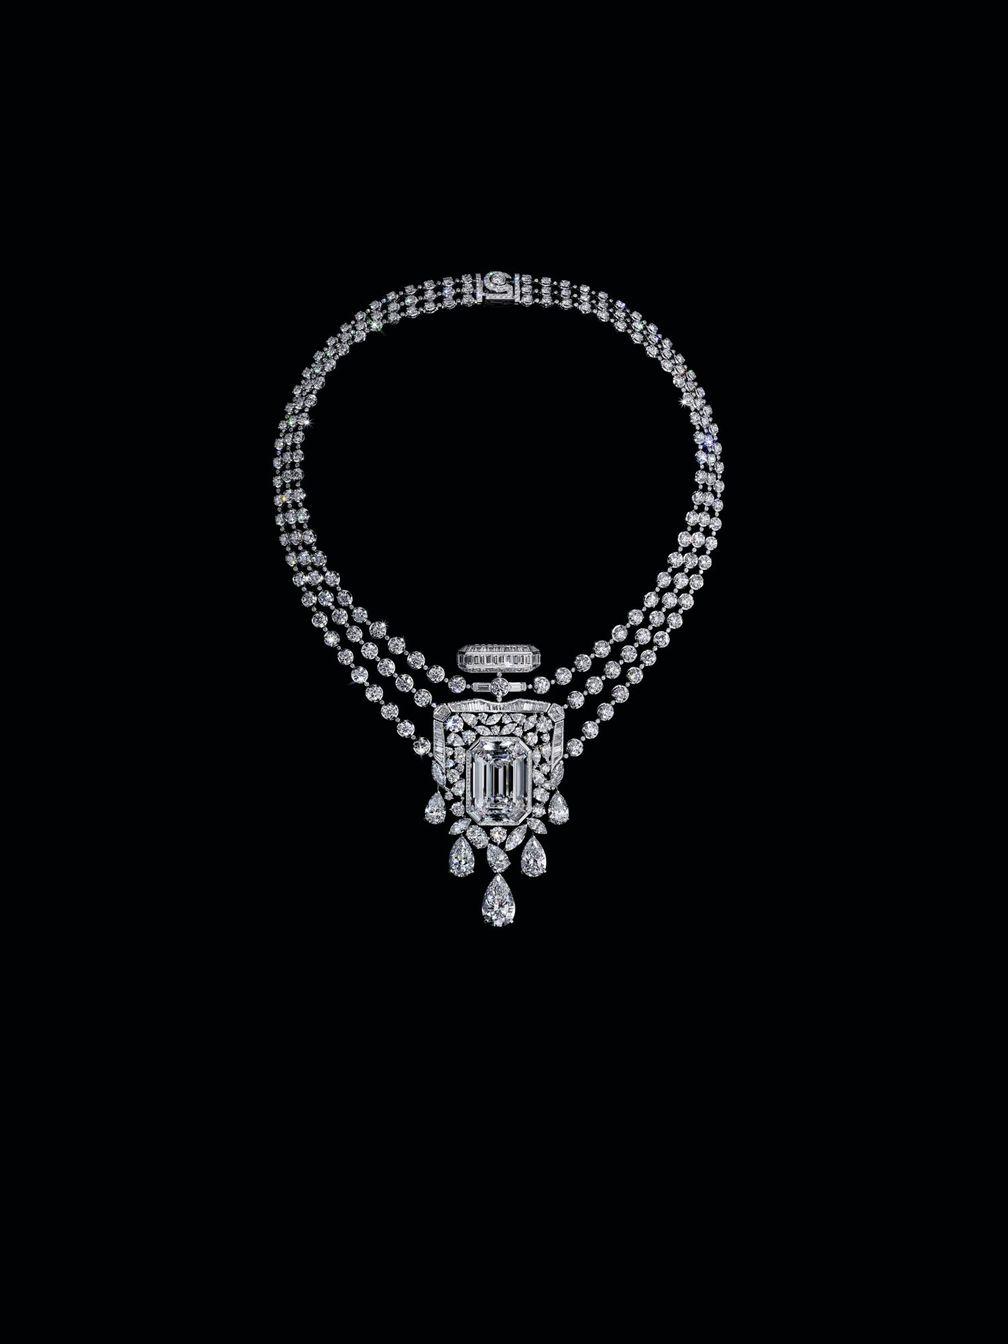 Chanel N°5 в виде бриллиантового ожерелья